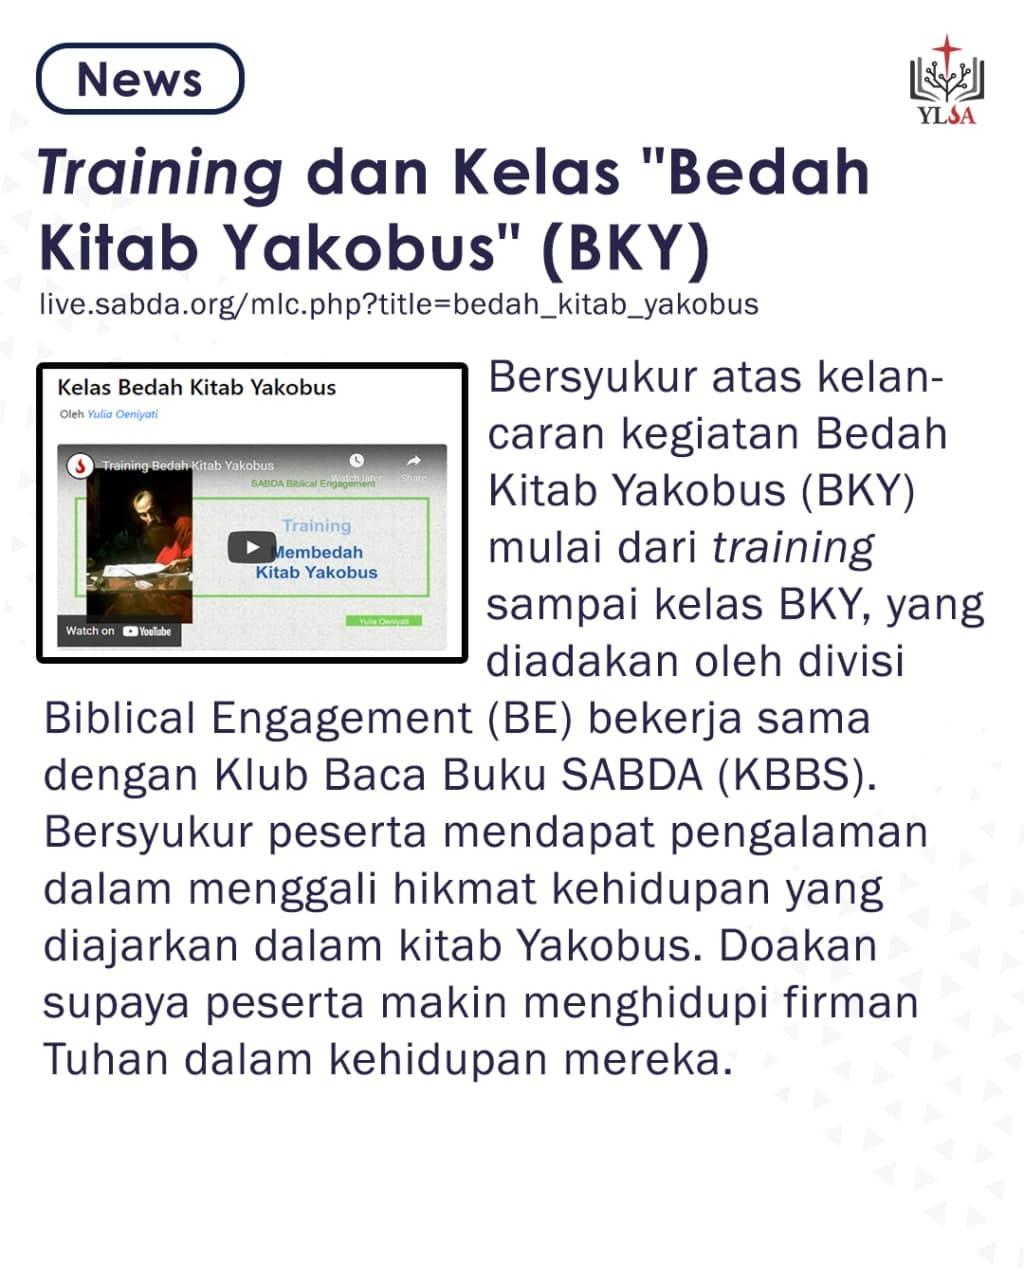 BE dan KBBS mengadakan training dan membuka kelas 'Bedah Kitab Yakobus'.